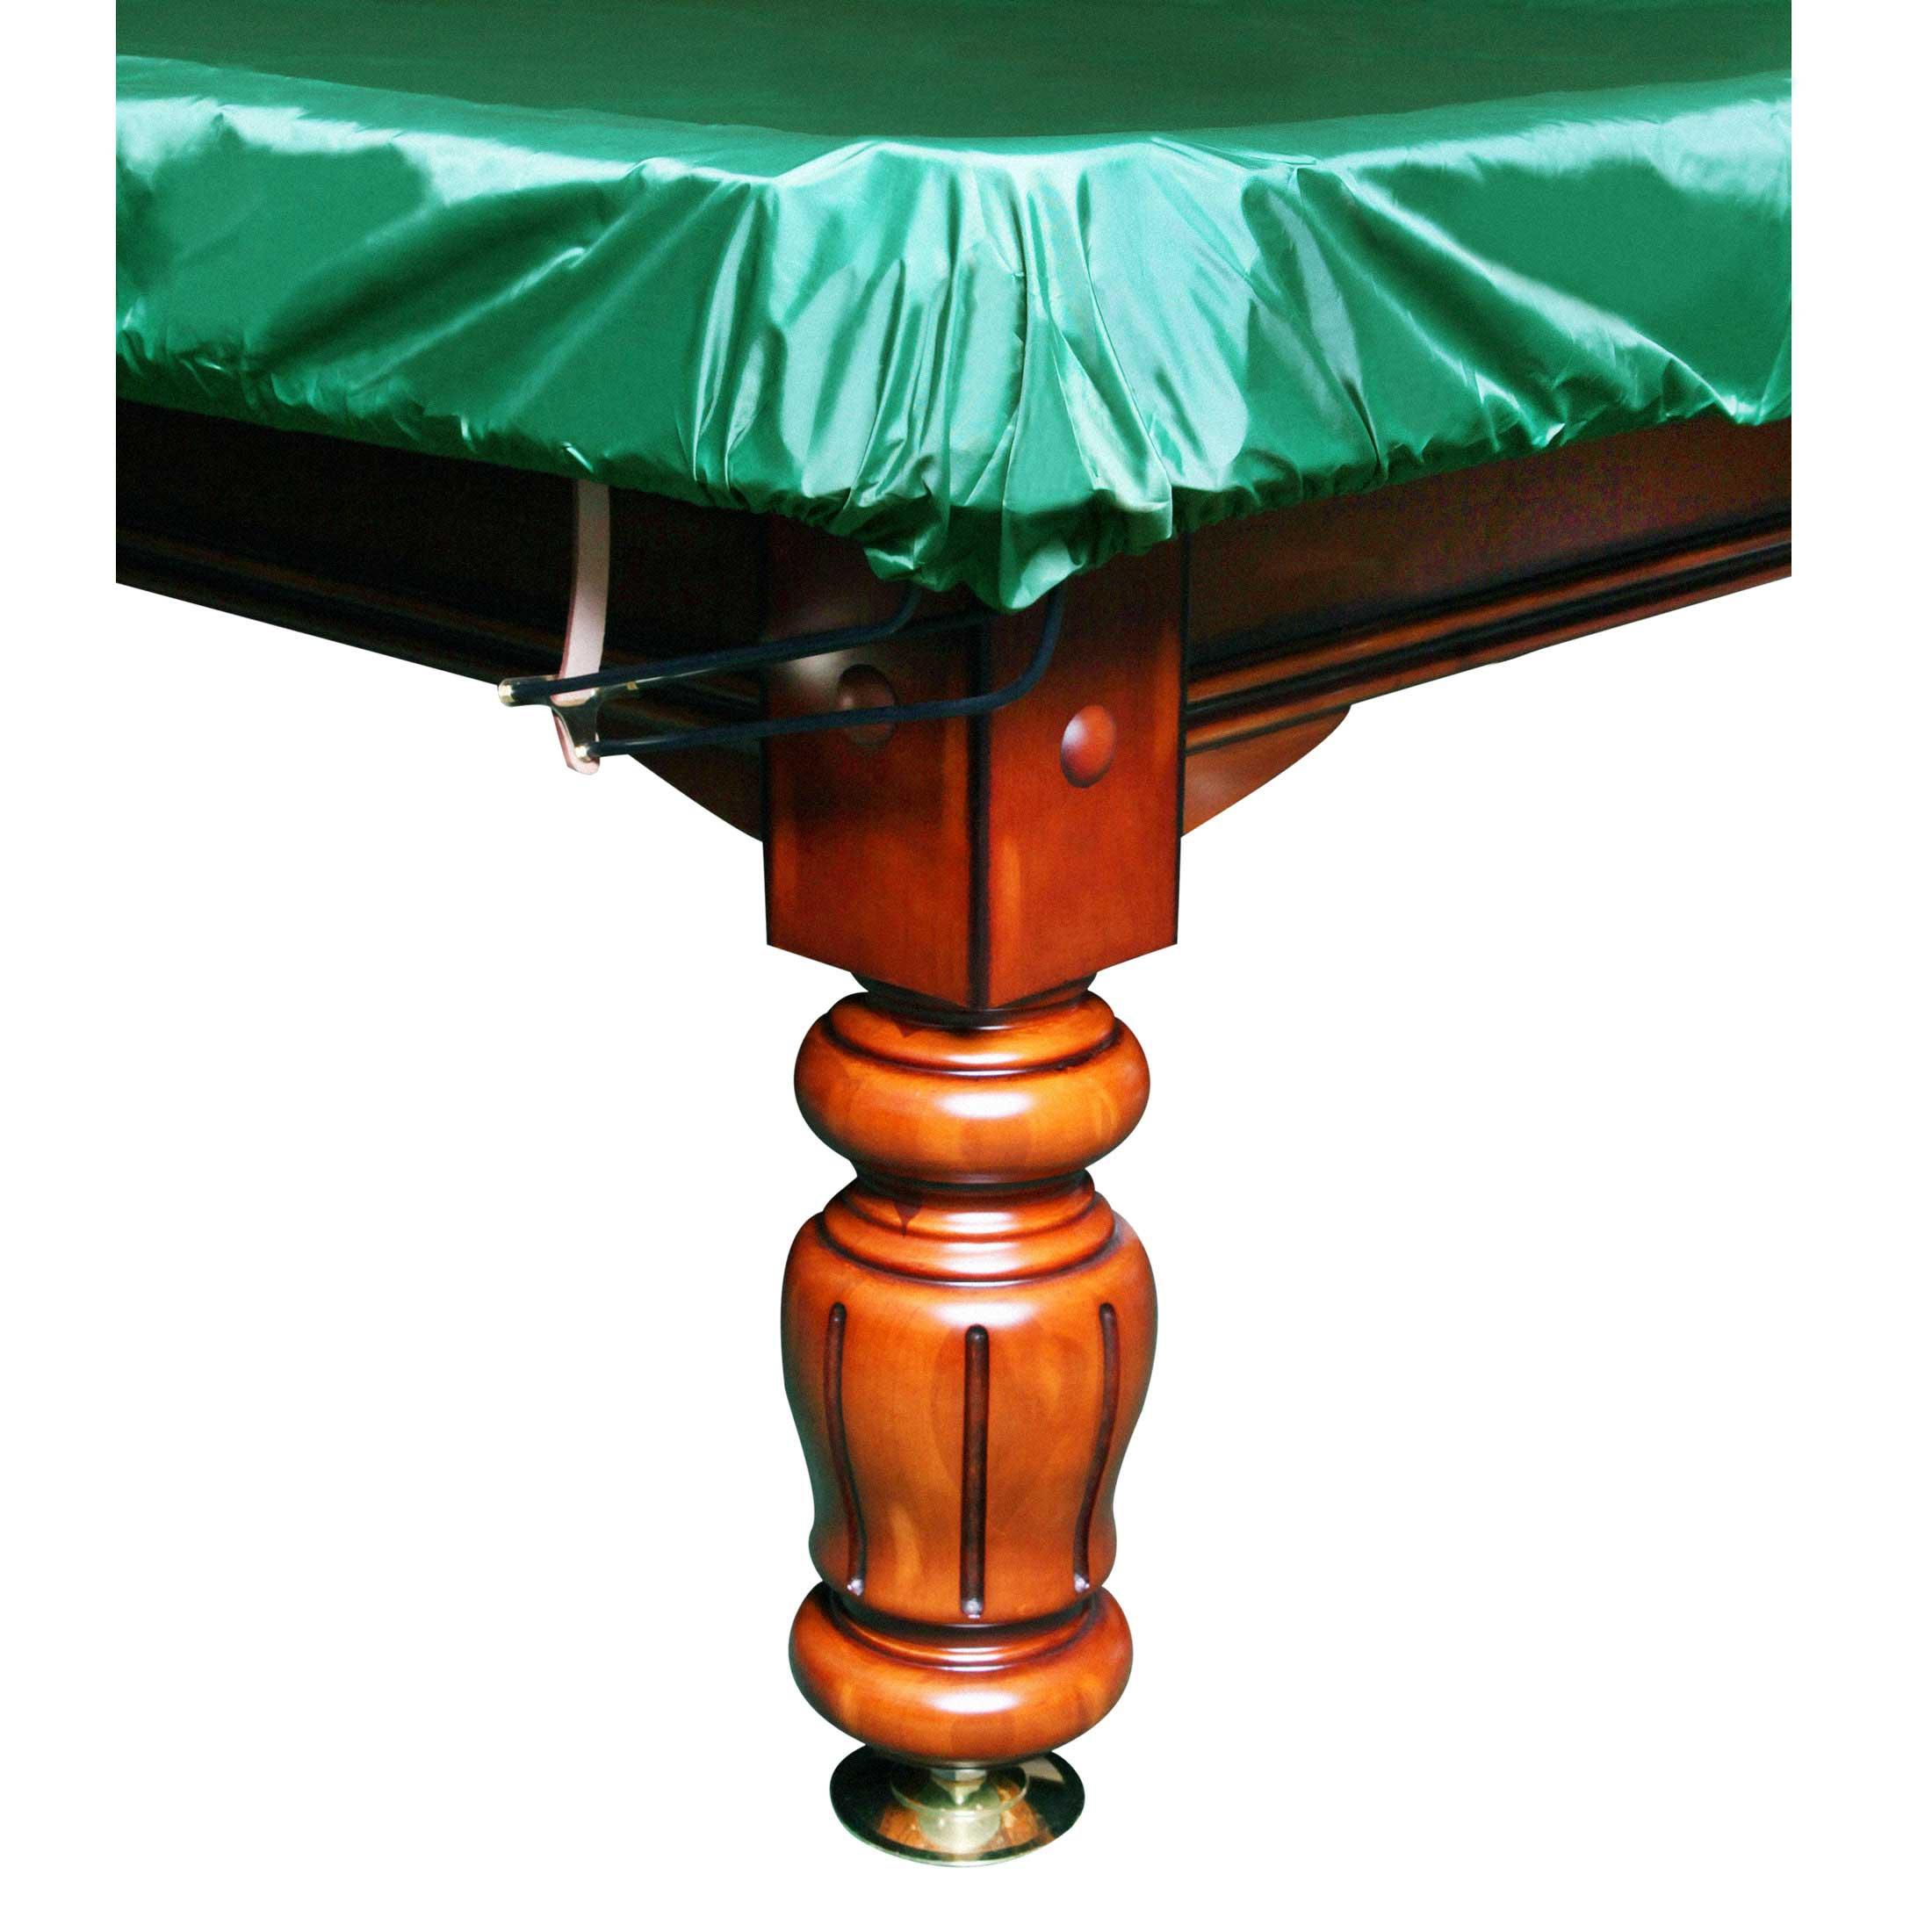 Покрывало-чехол для бильярда Стандарт 12фт ПВХ влагостойкое резинка на лузах зелёное